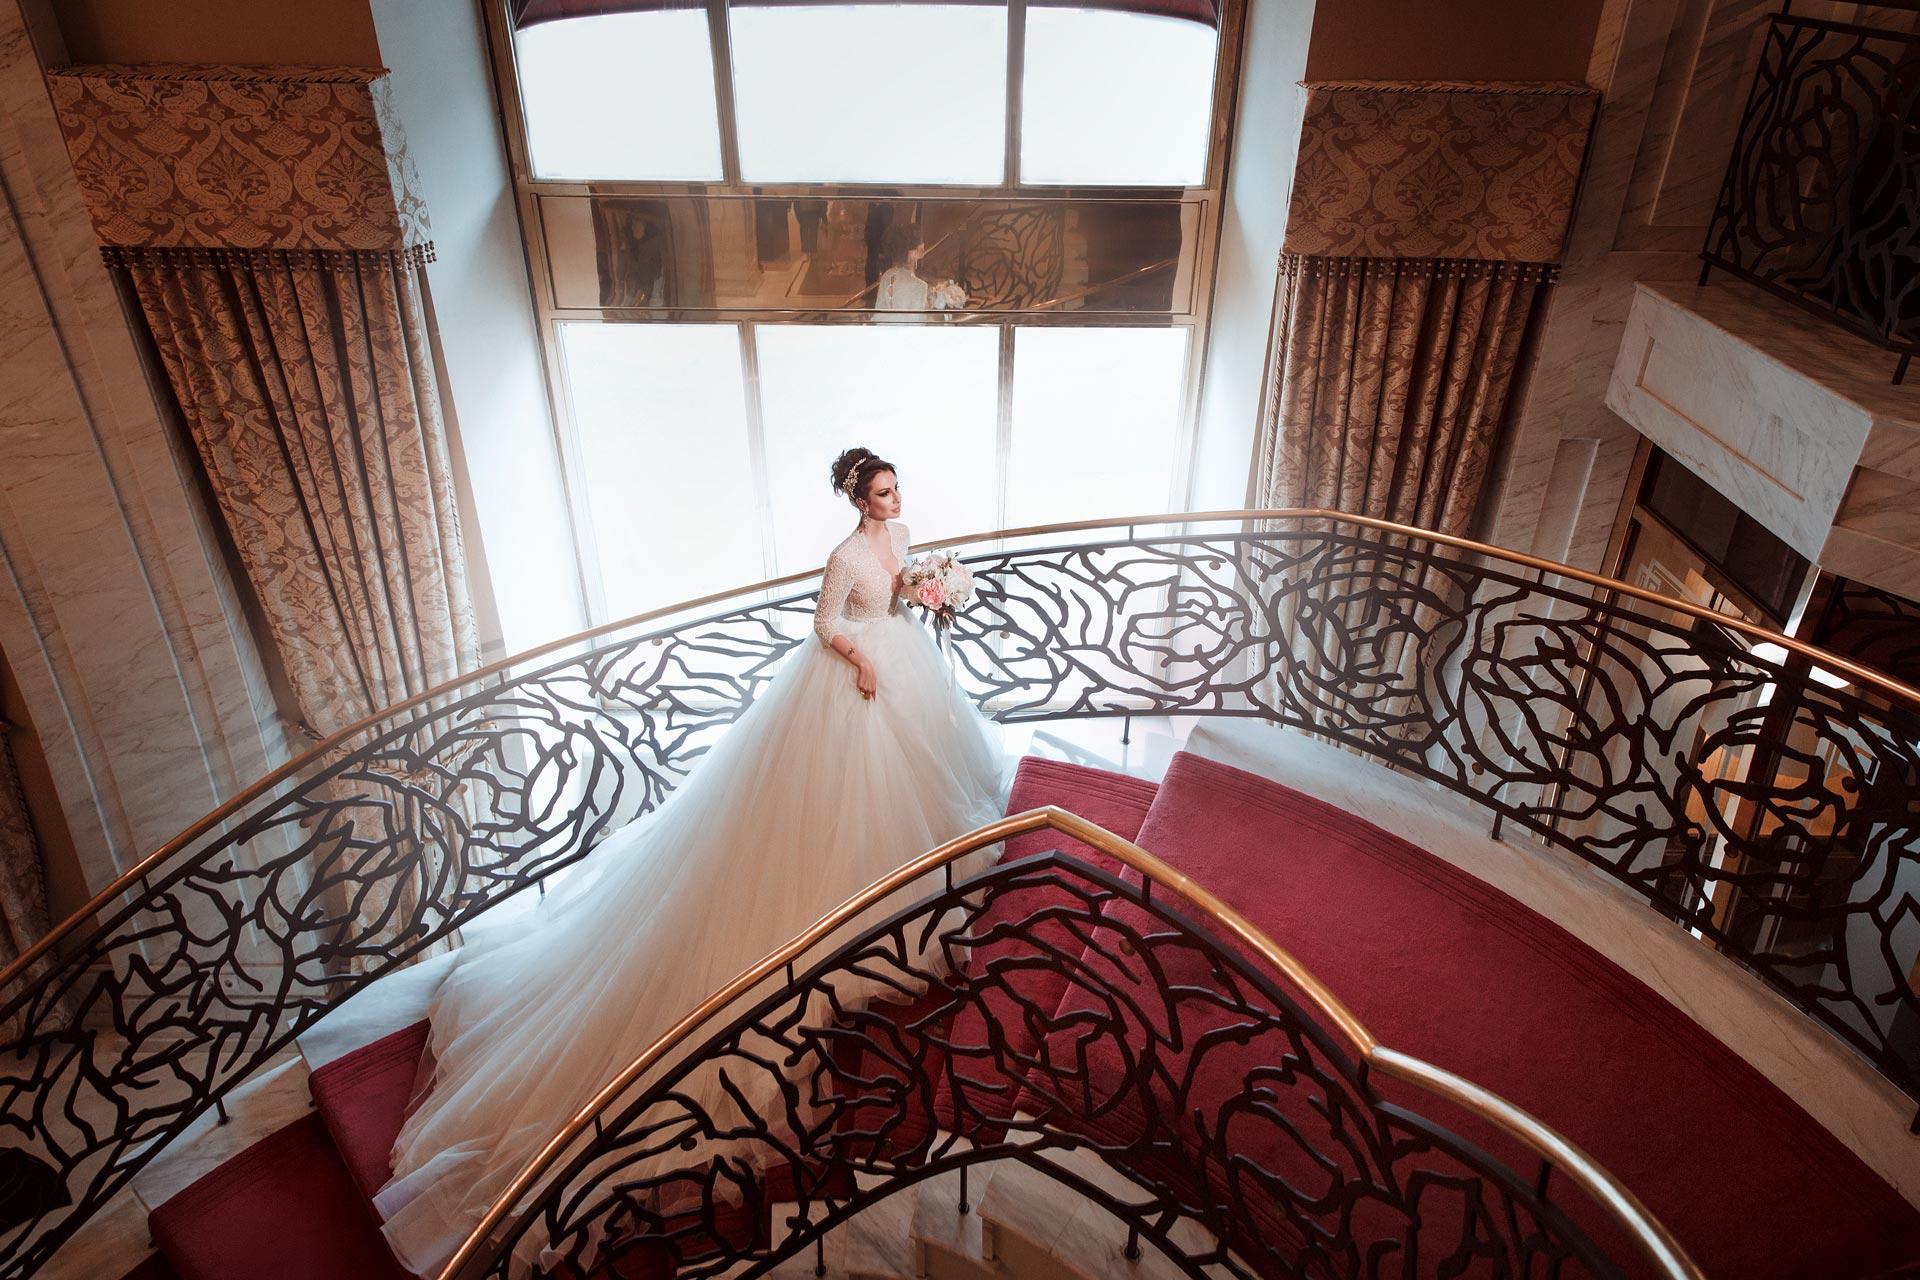 Пионовая свадьба. Свадьба Анны Грачевской и Артема Кузякина фото 12